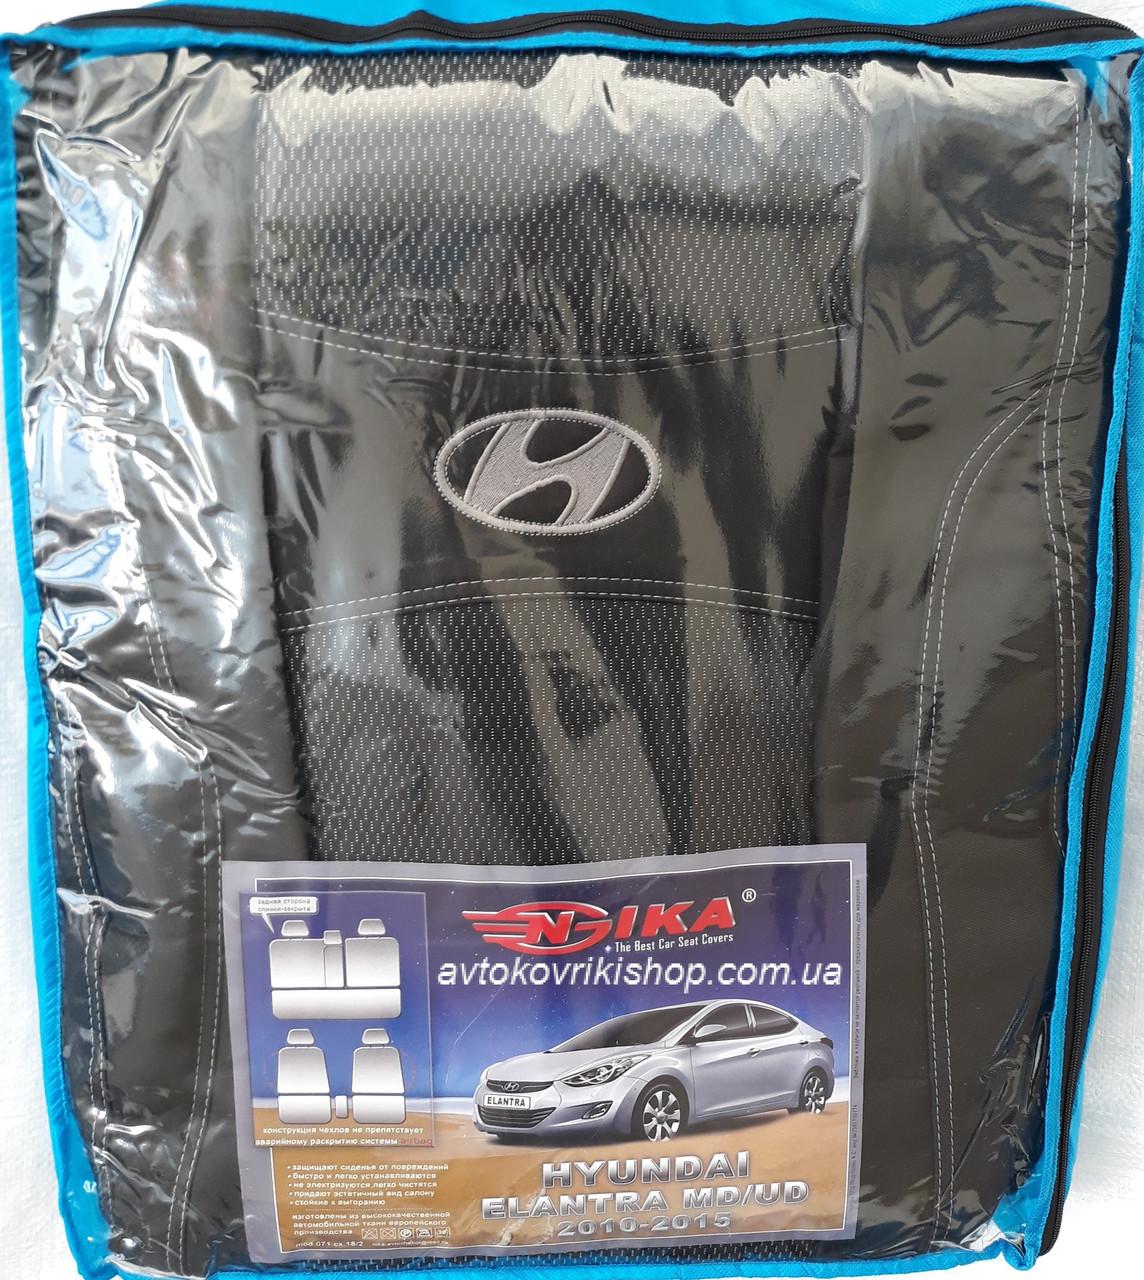 Авточехлы Hyundai Elantra MD / UD 2010-2015 Nika